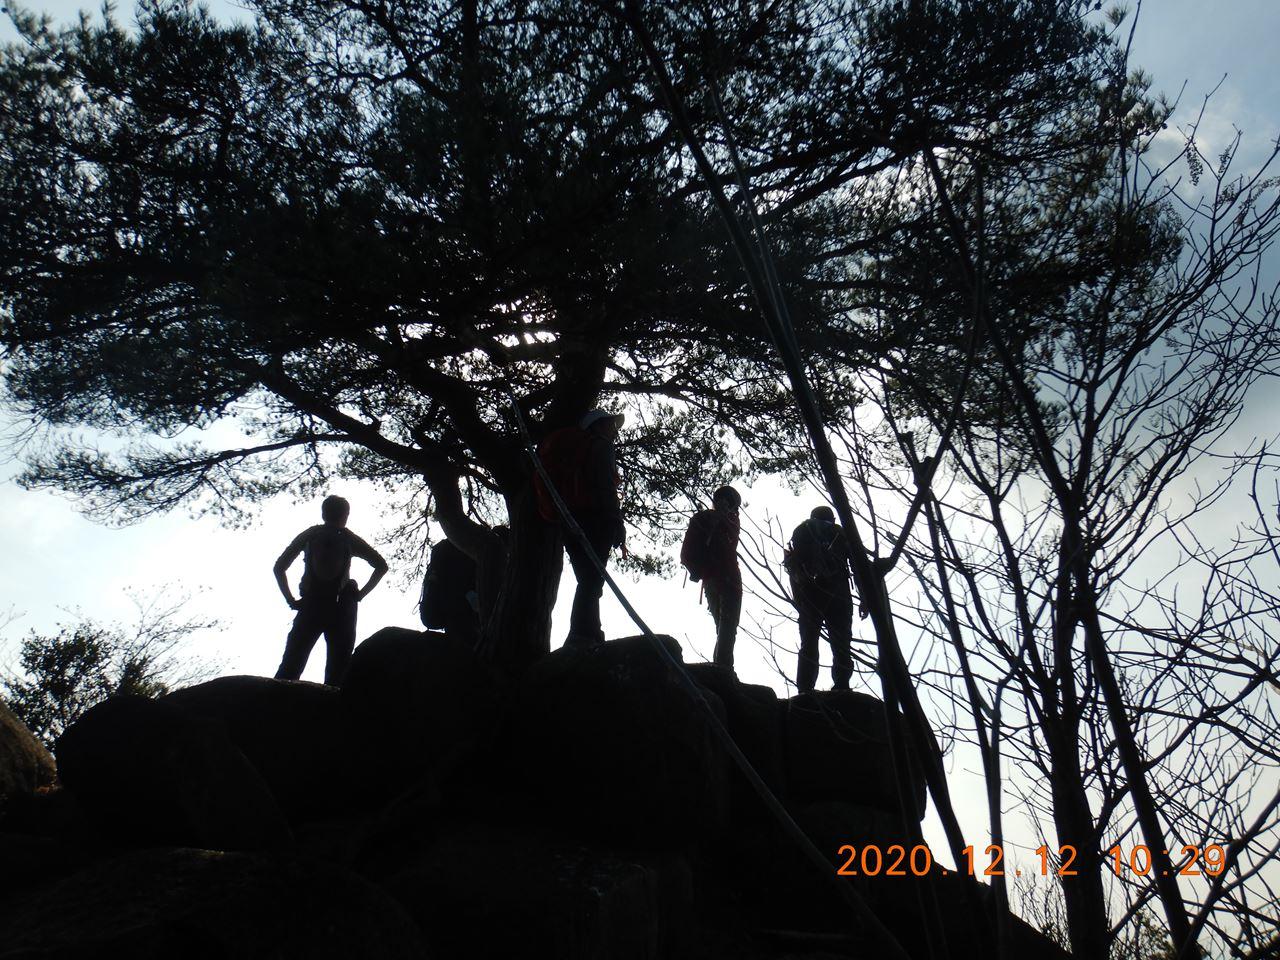 【個人山行】六甲山.黒岩、黒五谷、北黒五山、黒岩谷(2020.12.12)